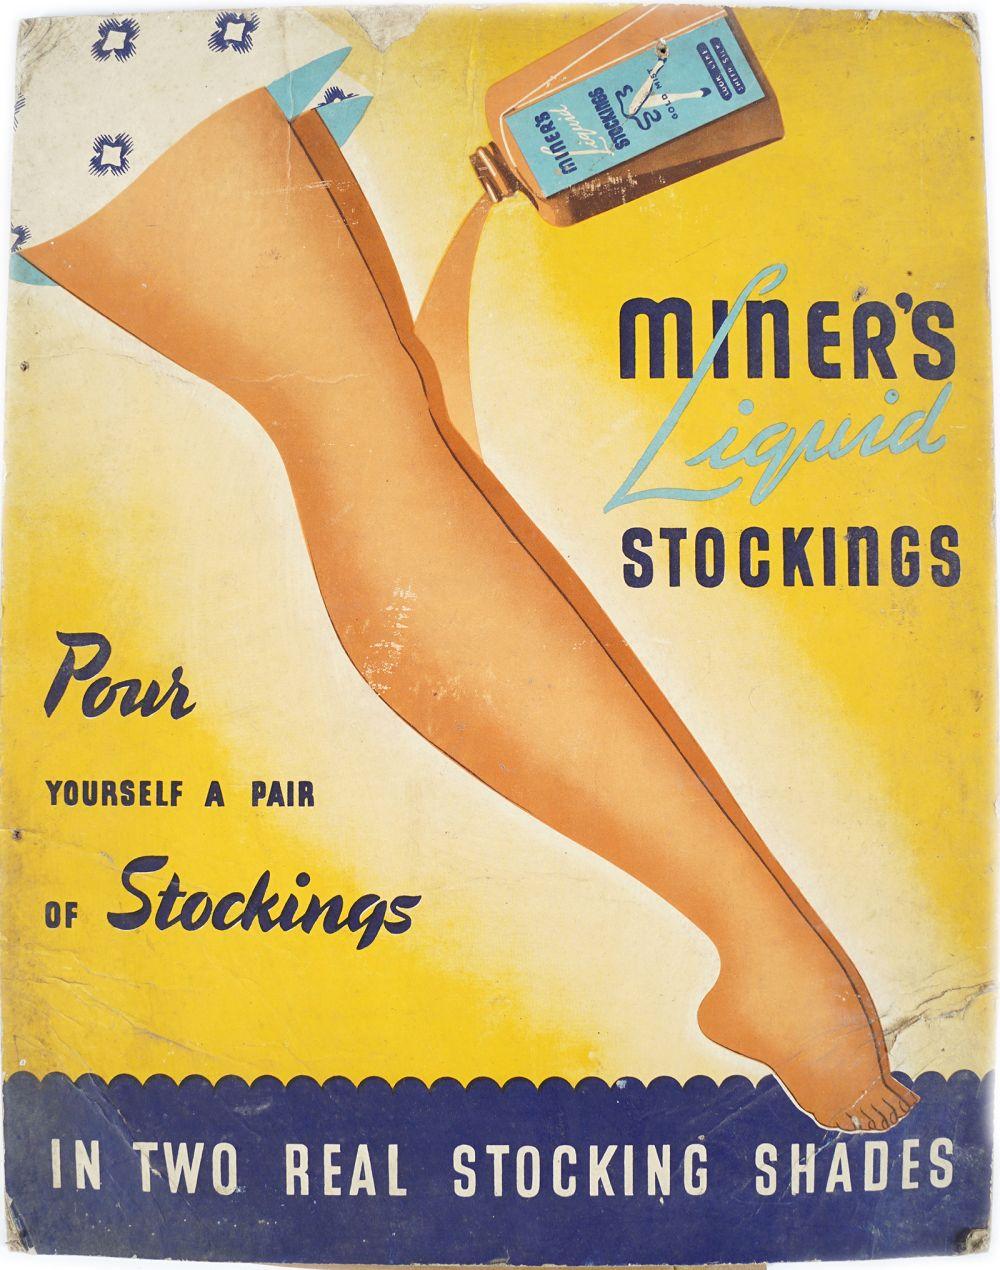 MINER'S LIQUID STOCKINGS ORIGINAL POSTER